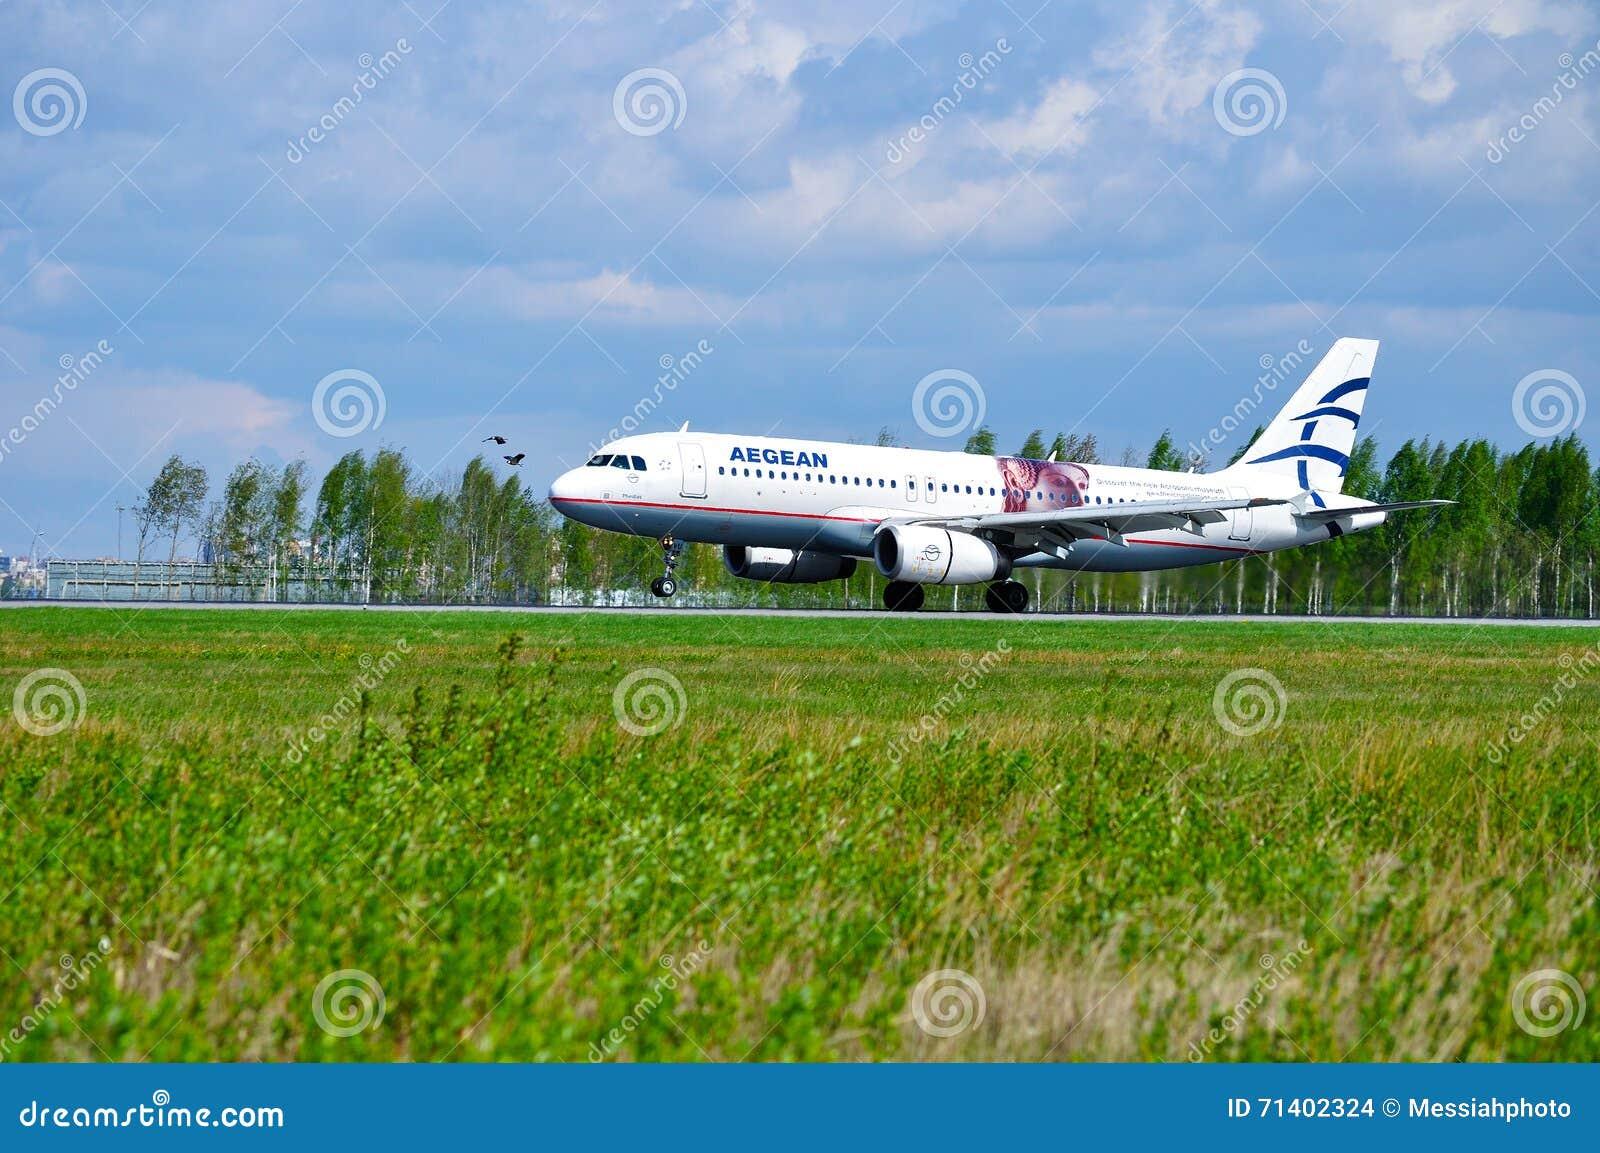 O avião de Aegean Airlines Airbus A320 está montando na pista de decolagem após a chegada no aeroporto internacional de Pulkovo e